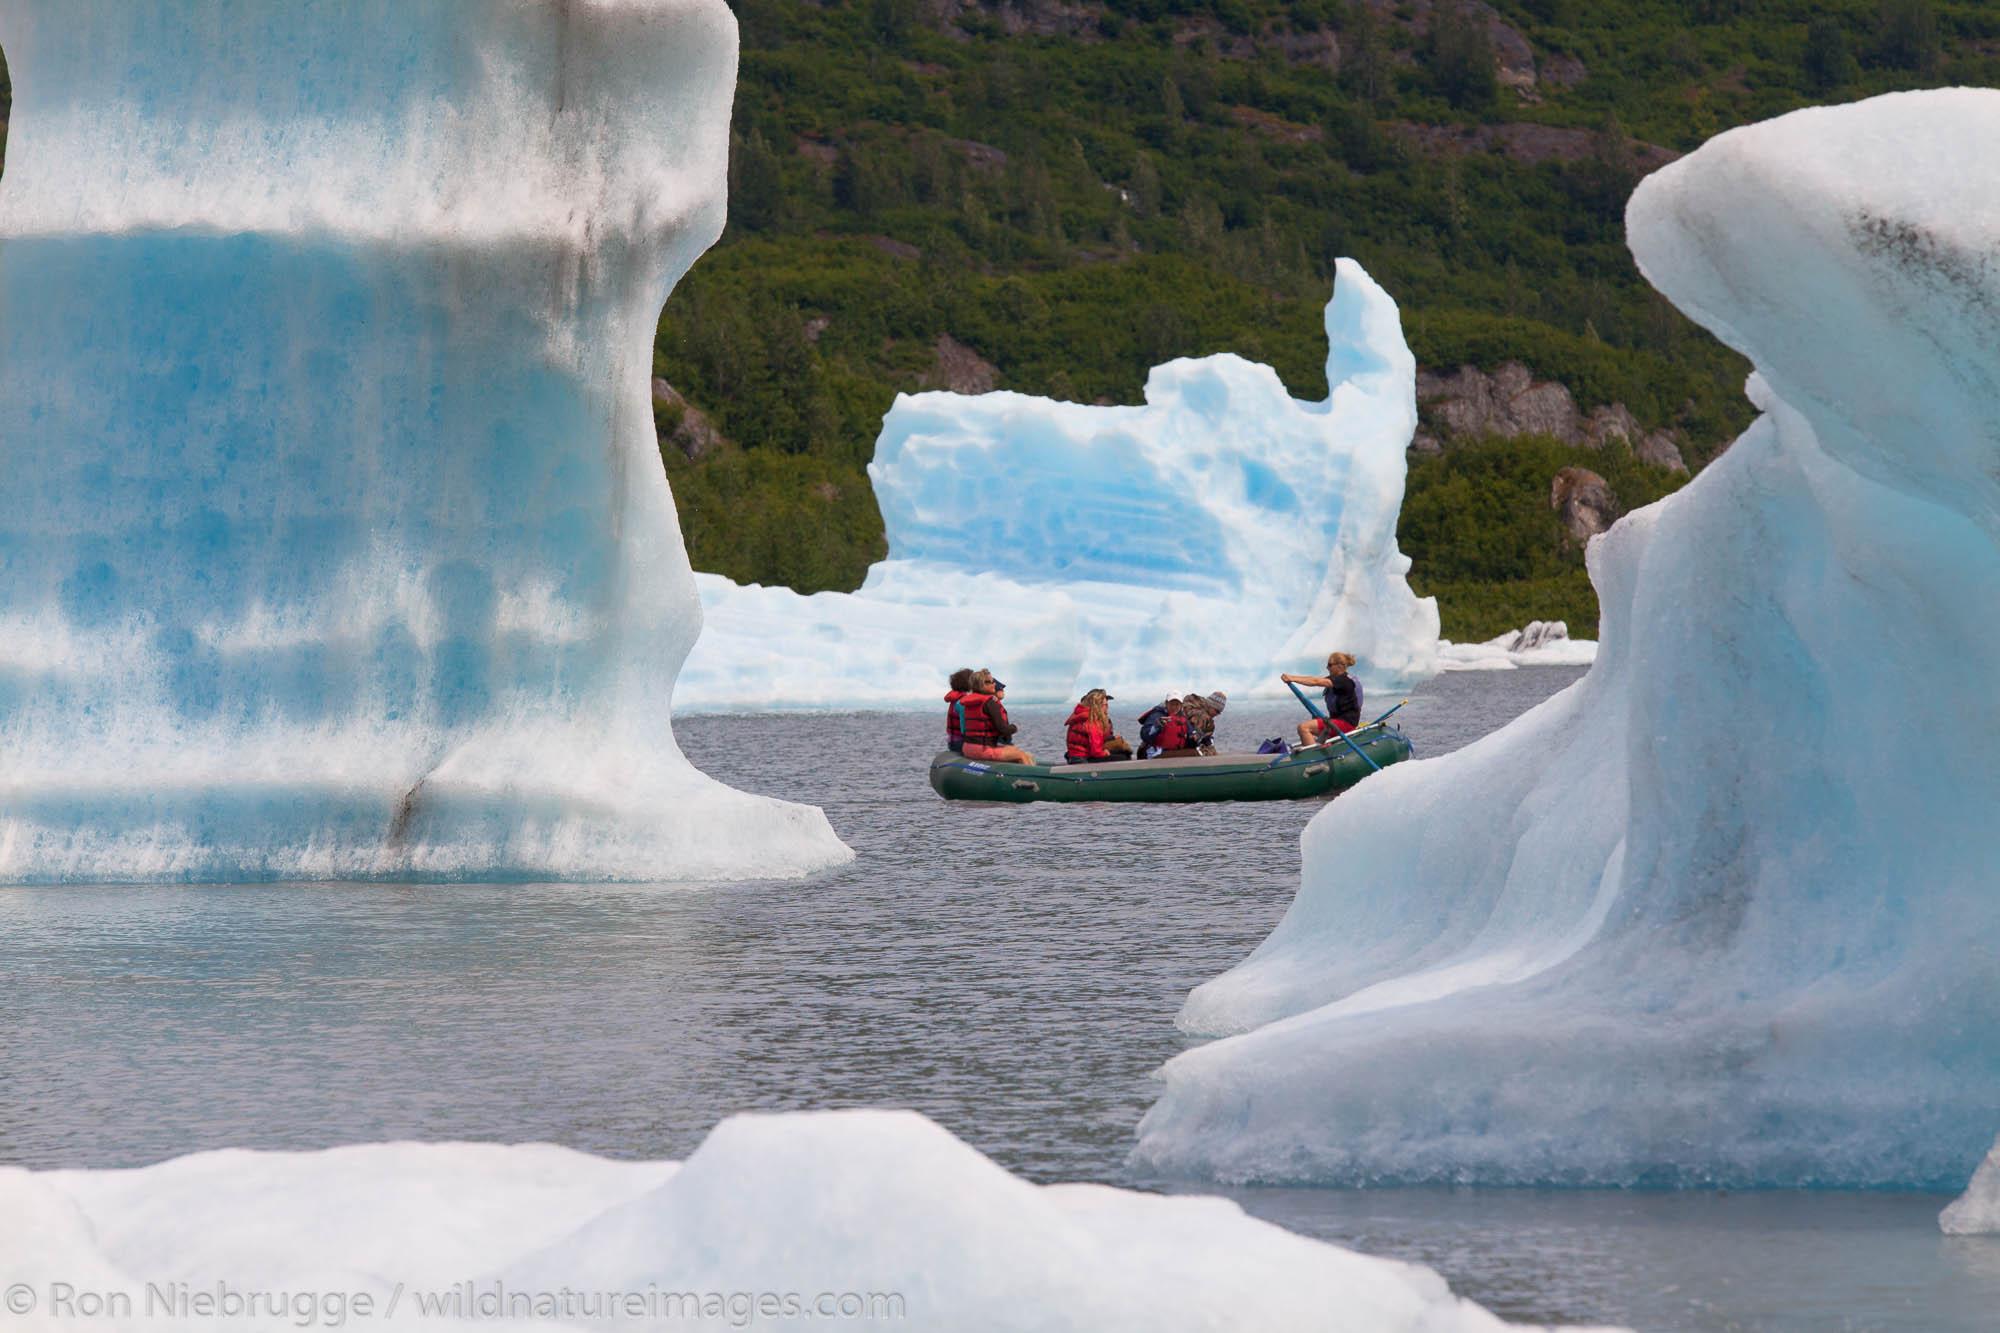 Rafting at Spencer Glacier, Chugach National Forest, Alaska.